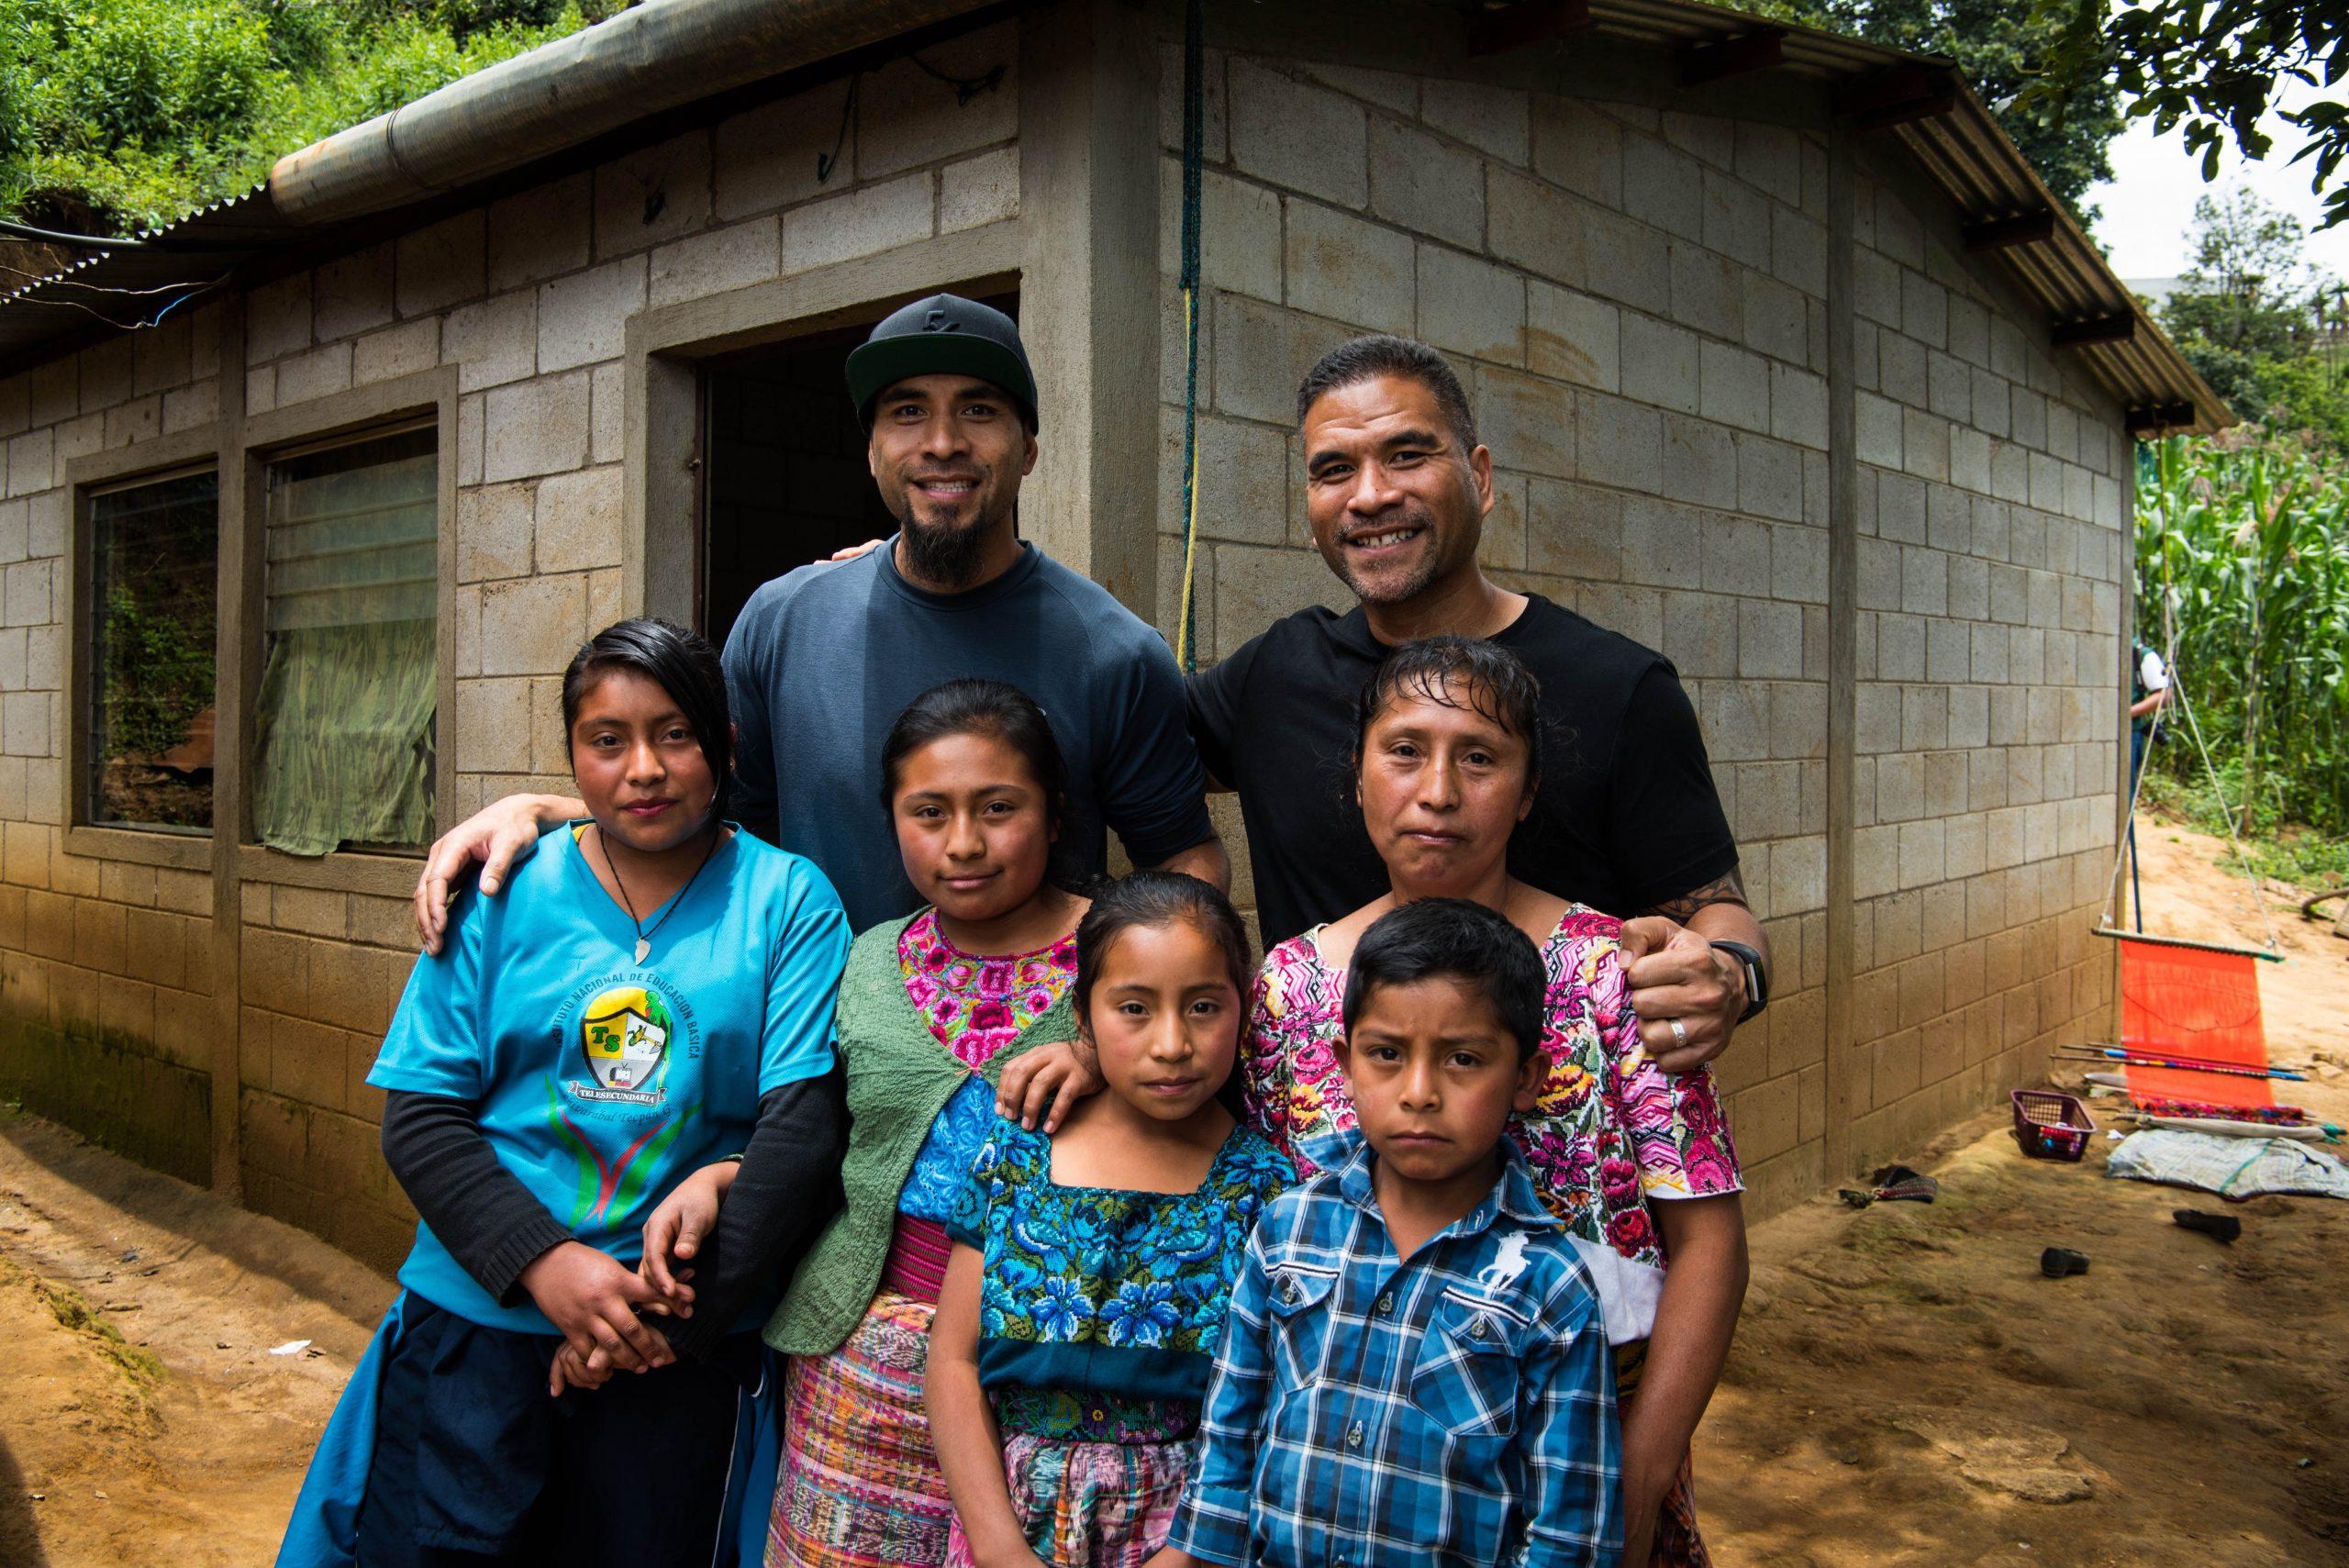 filming in Guatemala